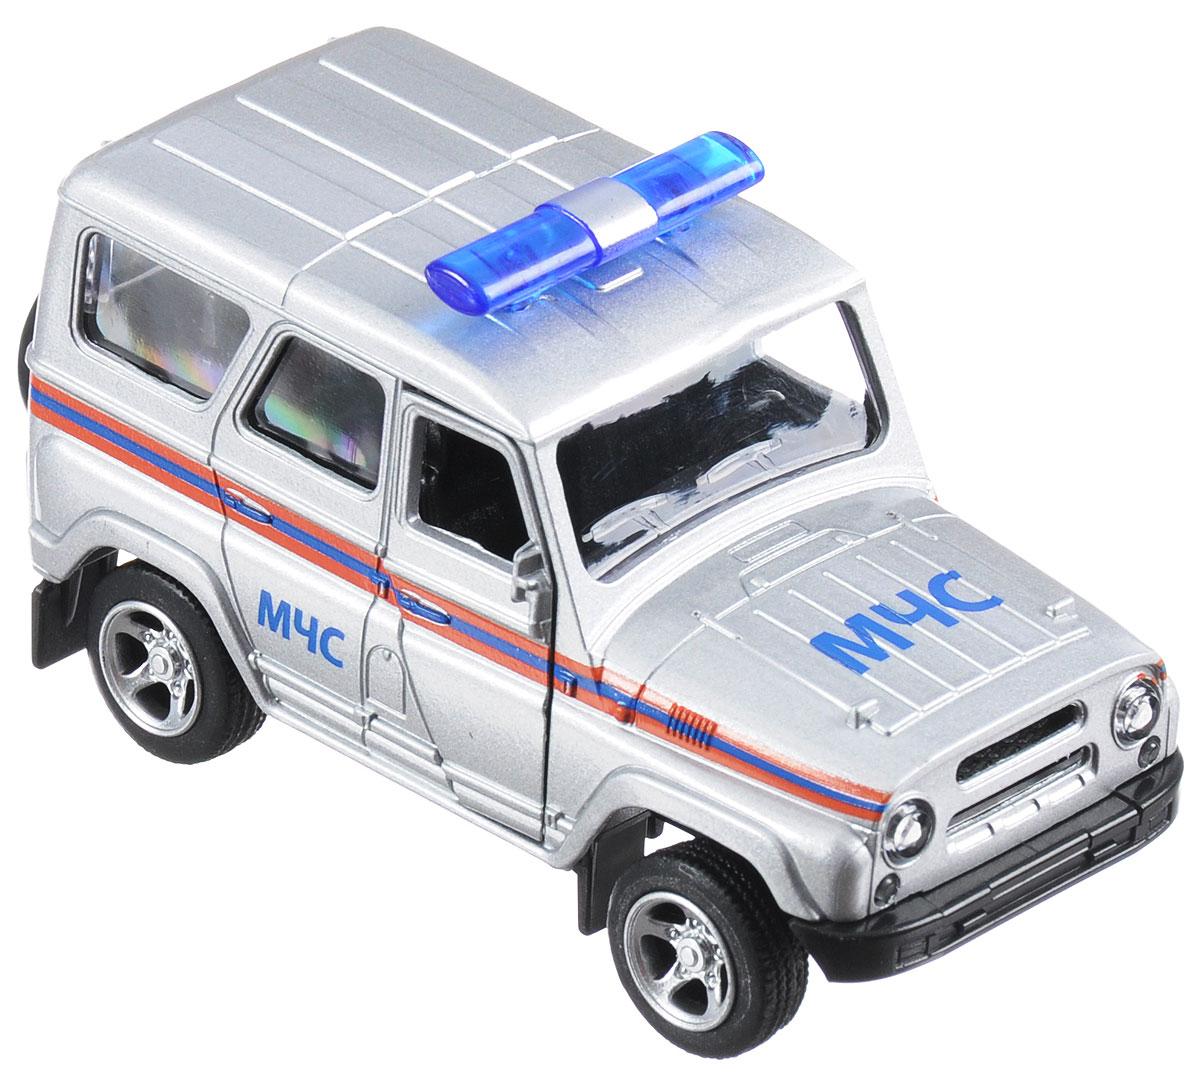 ТехноПарк Машинка инерционная UAZ Hunter МЧСX600-H09019-RМашинка инерционная ТехноПарк UAZ Hunter. МЧС будет отличным подарком для каждого ребенка! Игрушка выполнена в реалистичном дизайне и достаточно детализирована. Такая проработка каждой детали позволяет говорить о ней, как о ценной модели, которая может занять достойное место на полках коллекционеров. Дверцы кабины открываются. Авто оснащено инерционным механизмом, а прорезиненные колеса обеспечивают надежное сцепление с любой поверхностью пола. Подарите вашему малышу возможность почувствовать себя настоящим водителем.